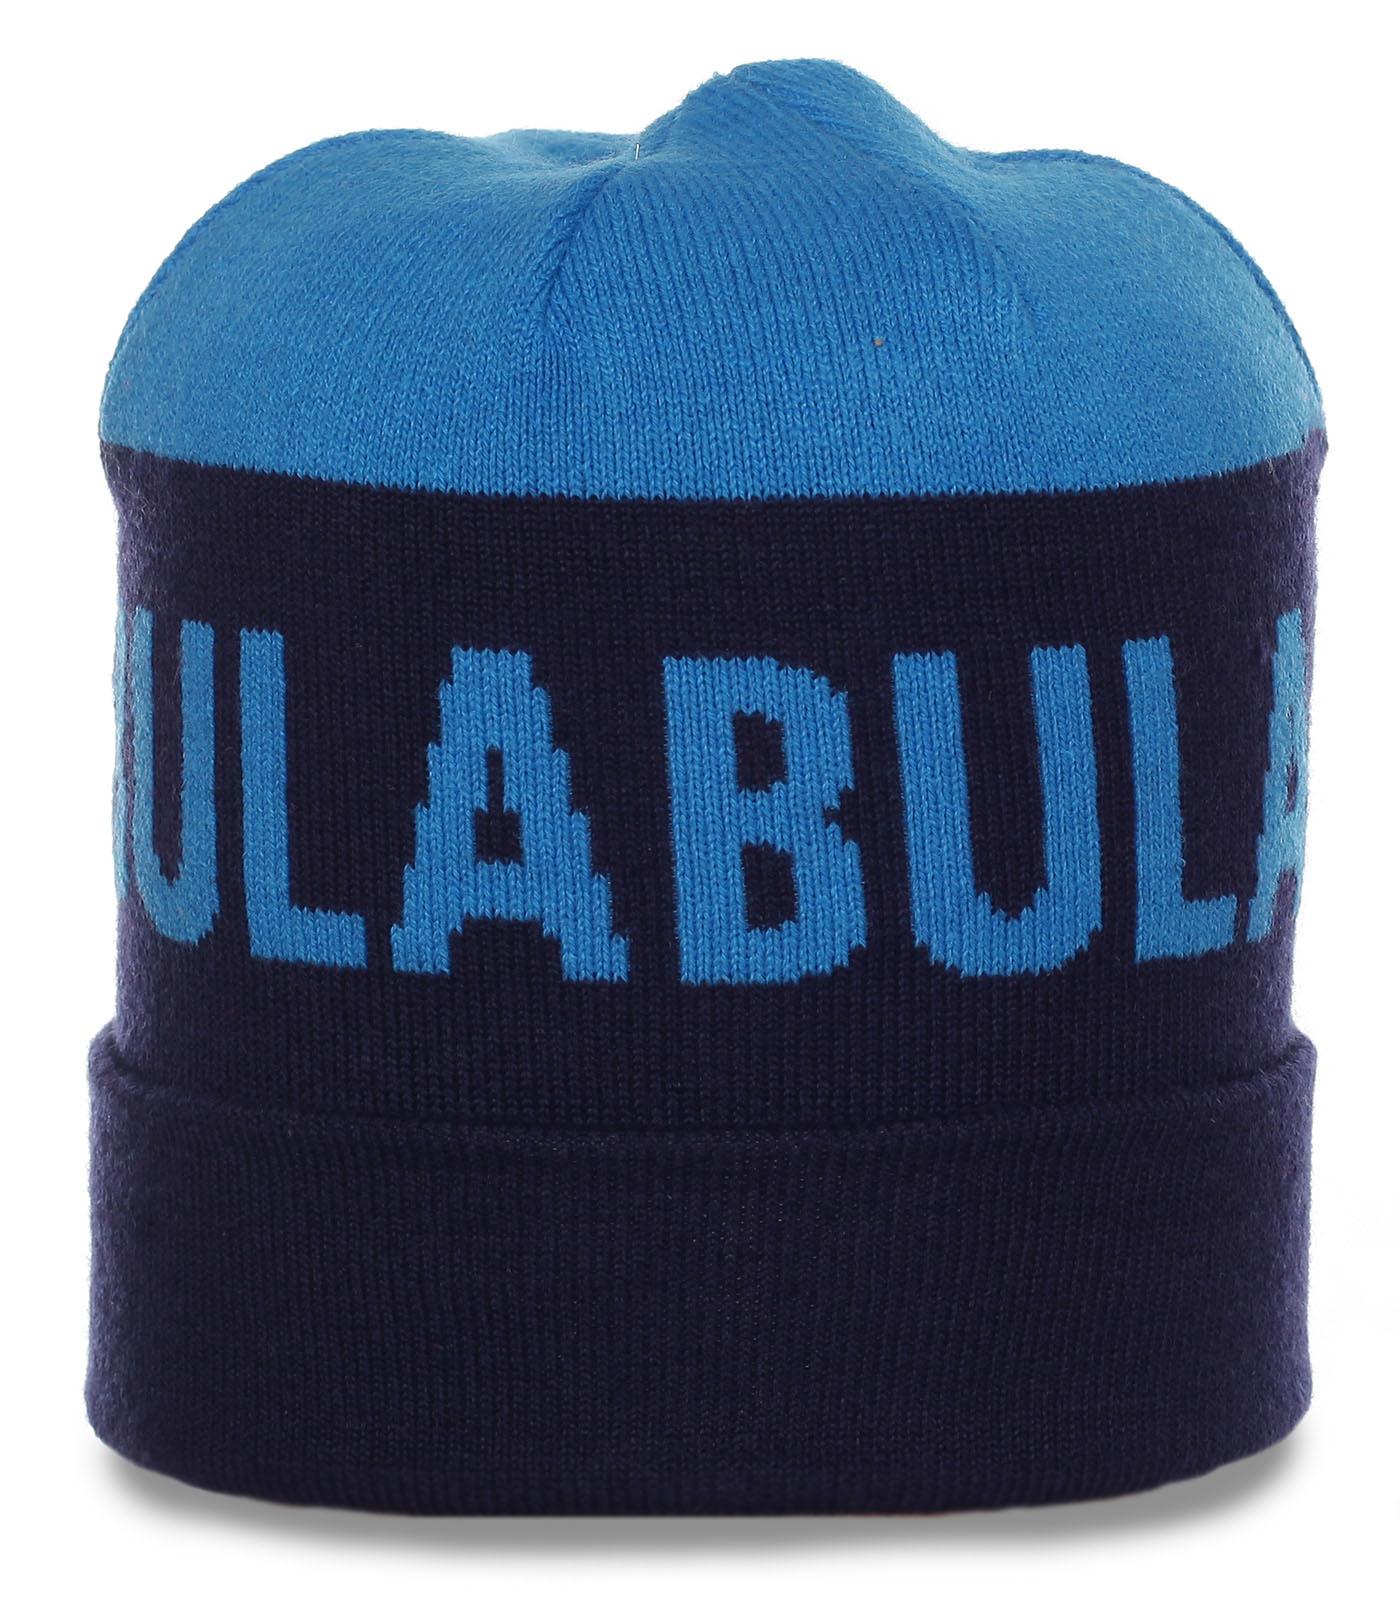 Превосходная мужская шапка от бренда Bula с отворотом лучший вариант